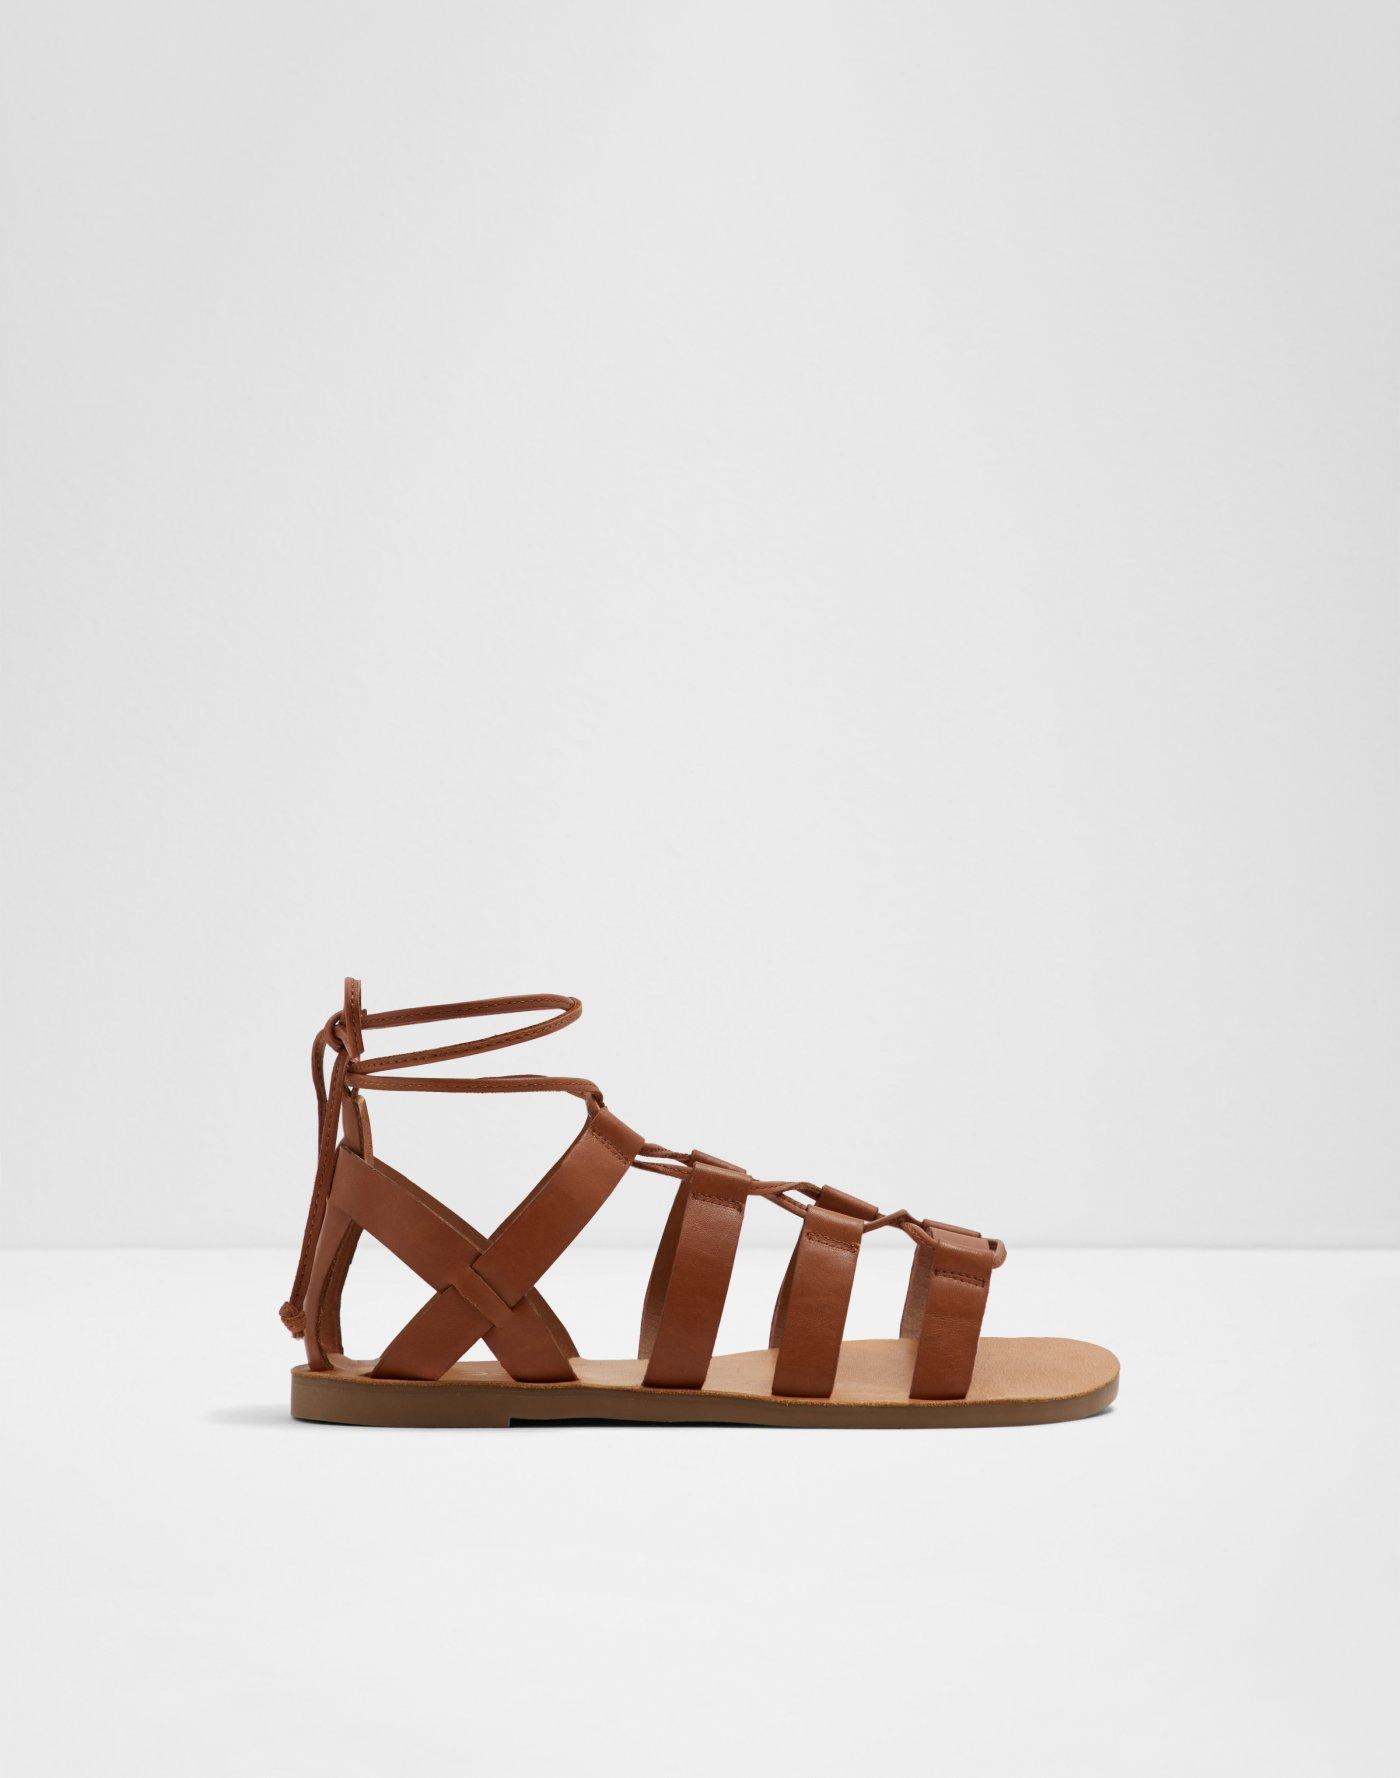 40b5aa794f Sandals | Aldoshoes.com US